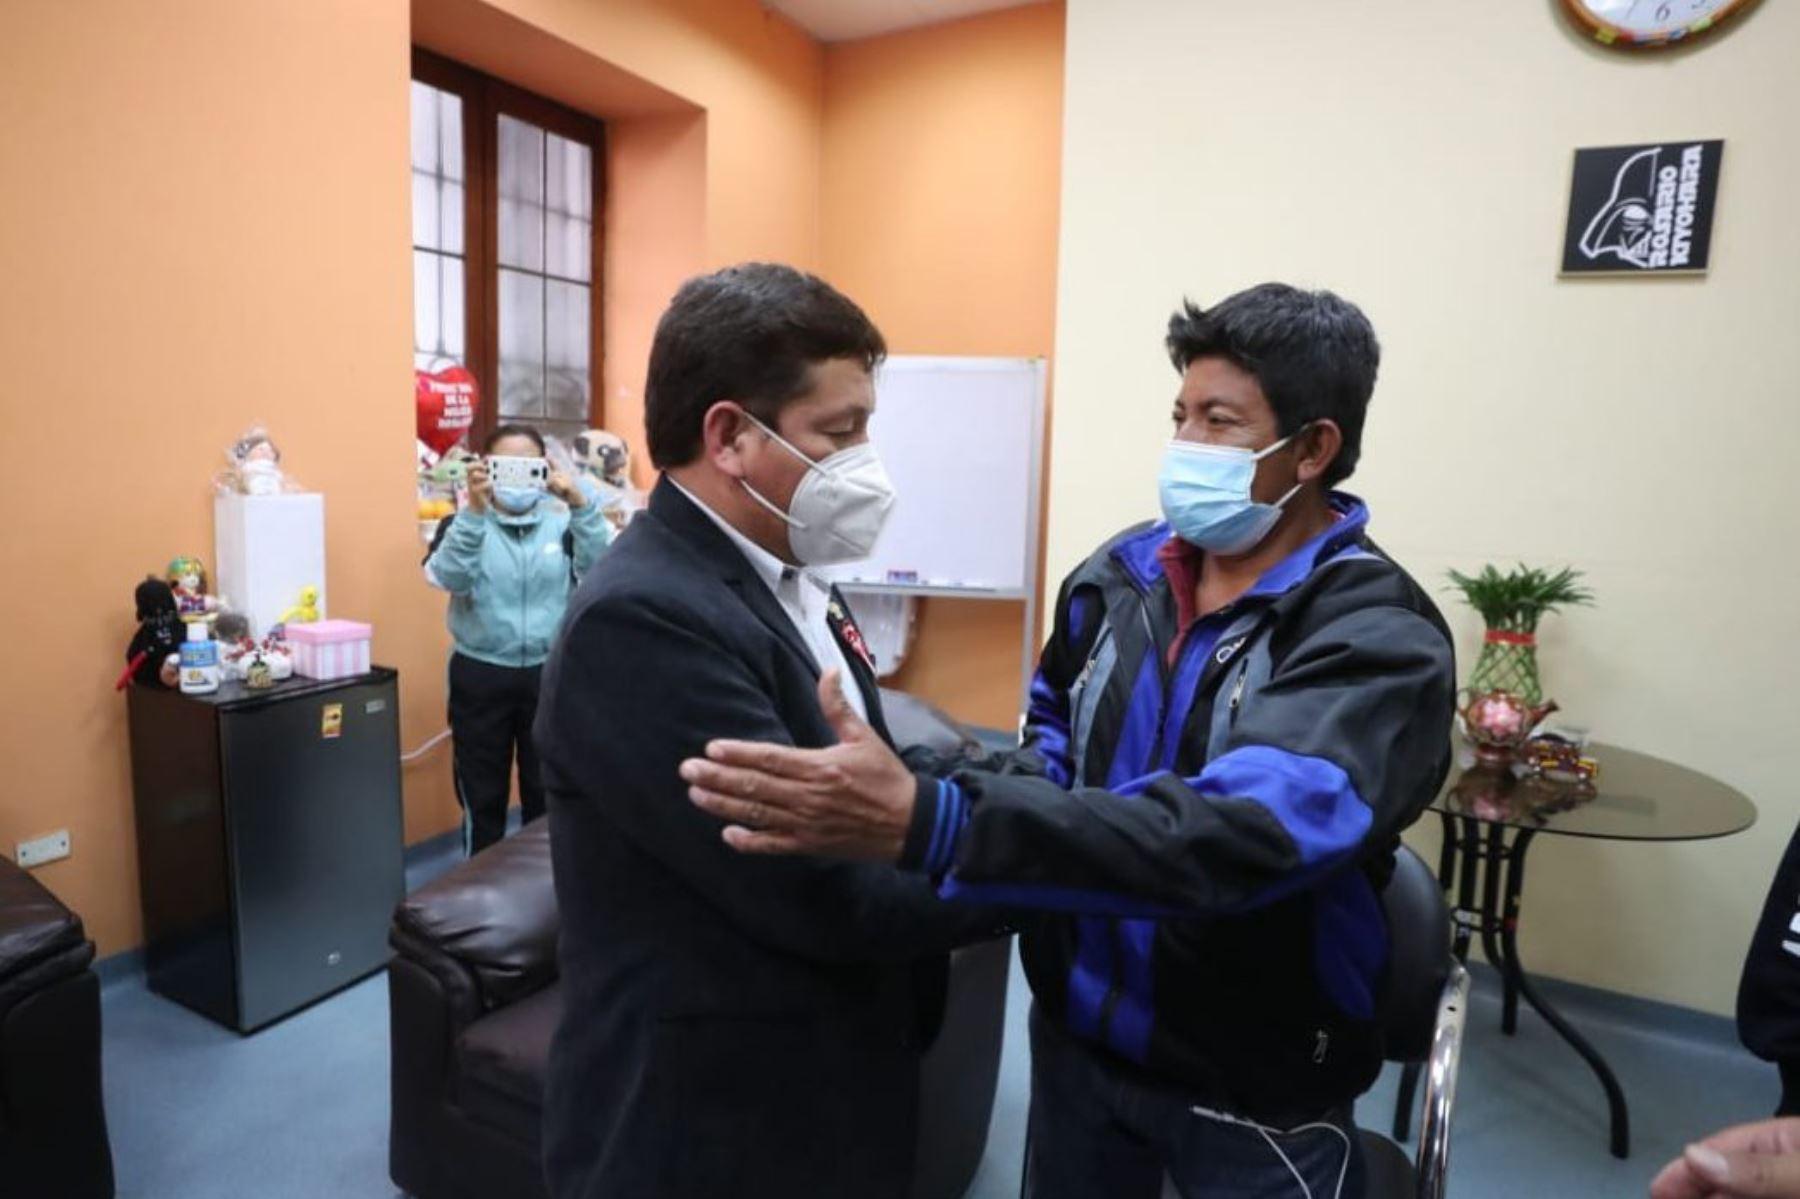 El presidente del Consejo de Ministros, Guido Bellido, junto a los titulares del Ministerio de Salud y Defensa, acudieron al Hospital 2 de mayo, para verificar la atención de la madre gestante de 28 años, víctima del sismo en Piura, así como para brindar apoyo a sus familiares durante su estadía en Lima. Foto: ANDINA/ PCM